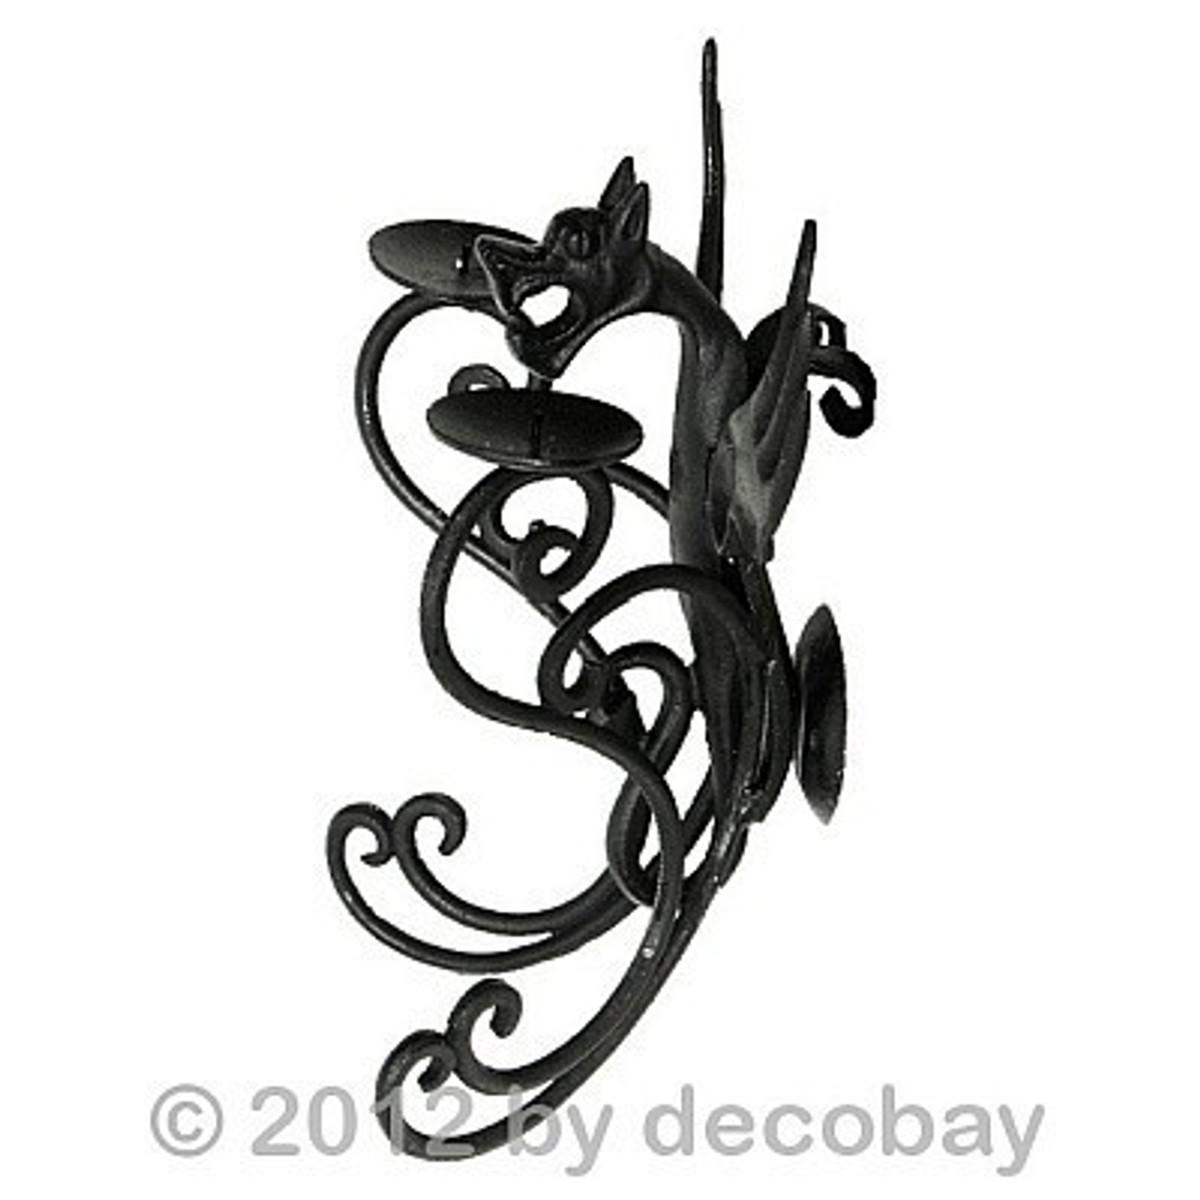 Wandkerzenhalter aus Gusseisen mit Docht für Kerzen. Dekorativ im Gotik Look.